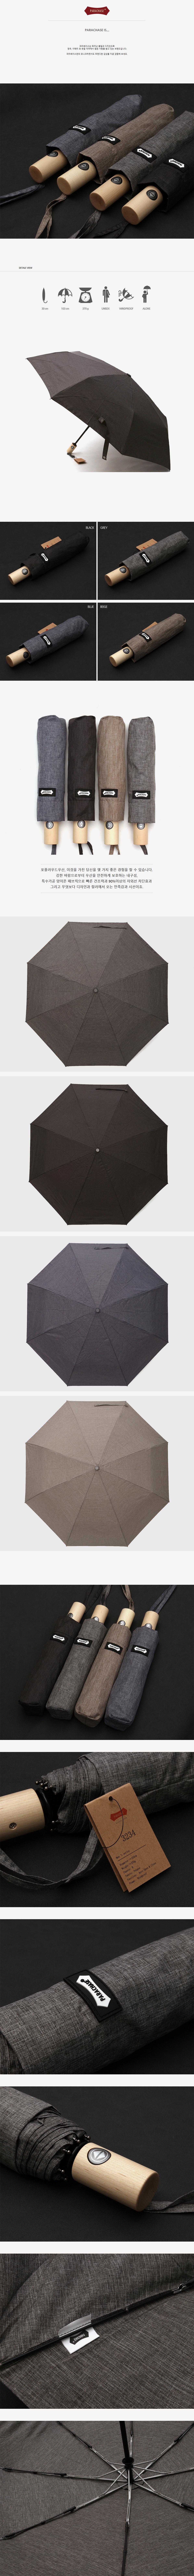 파라체이스(PARACHASE) 3234 프리미엄 포플러 우드그립 전자동 3단 우산 양산 겸용